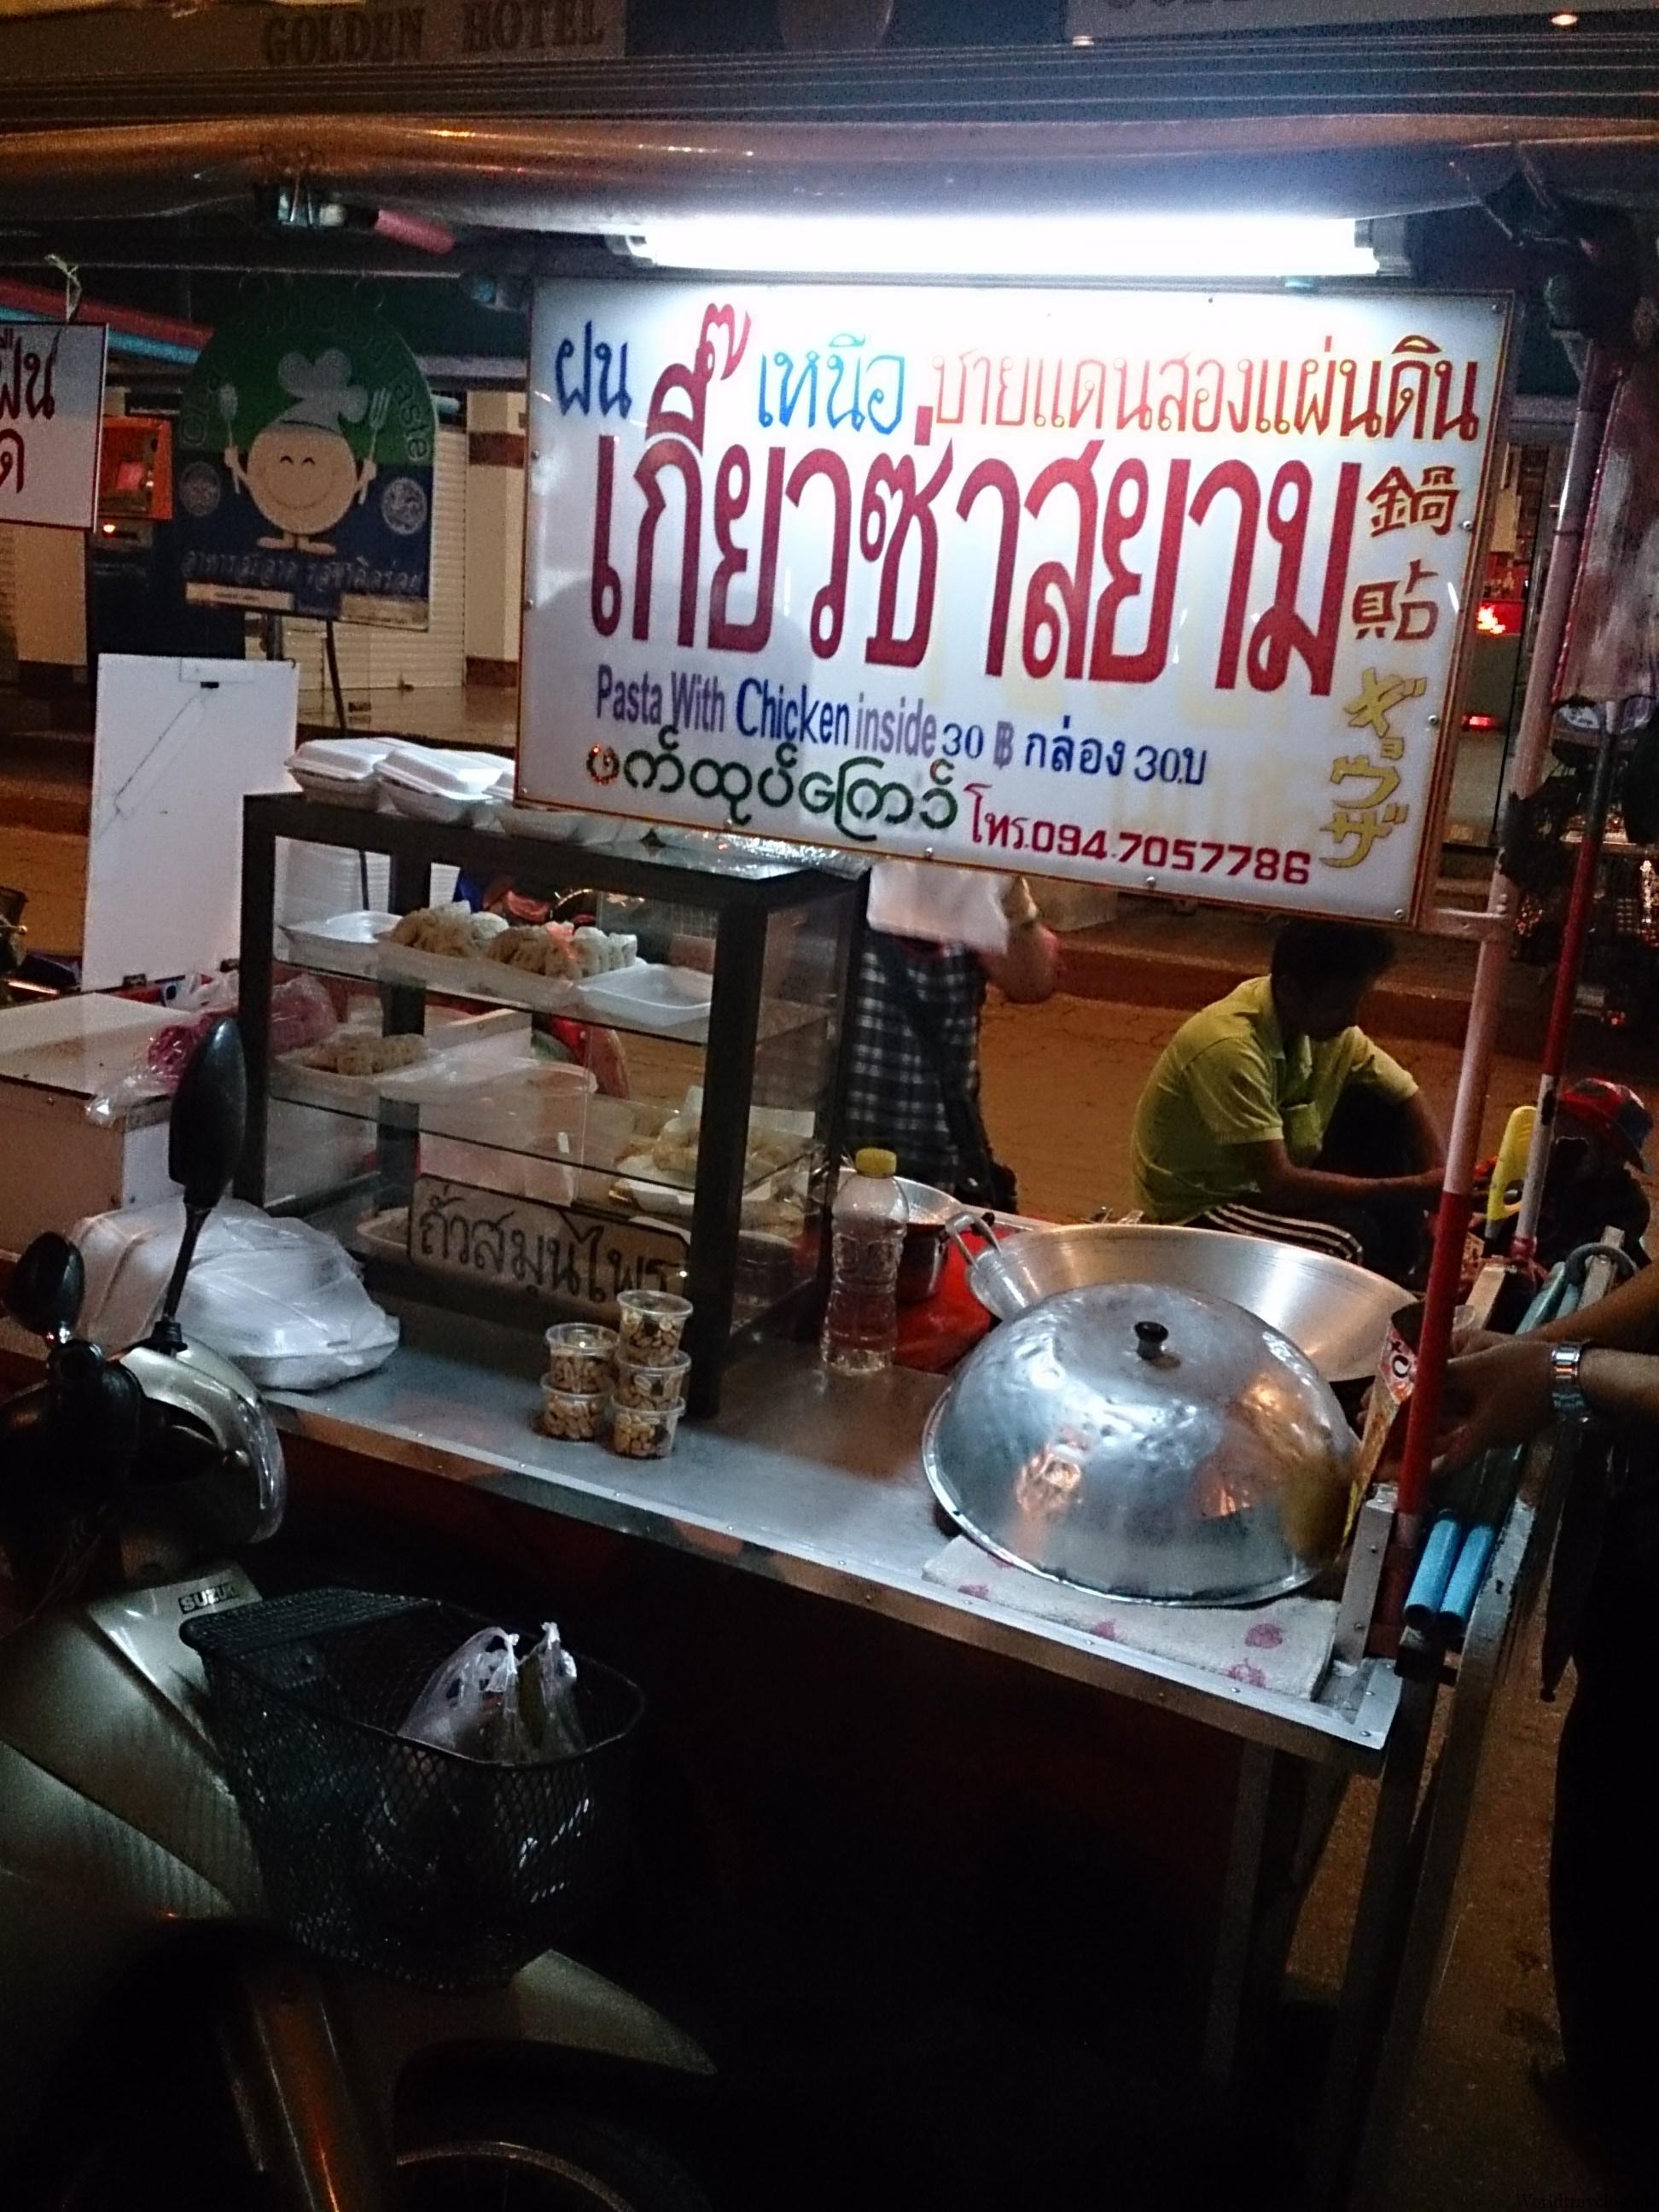 ミャンマーとの国境の町メーサイで一泊することに